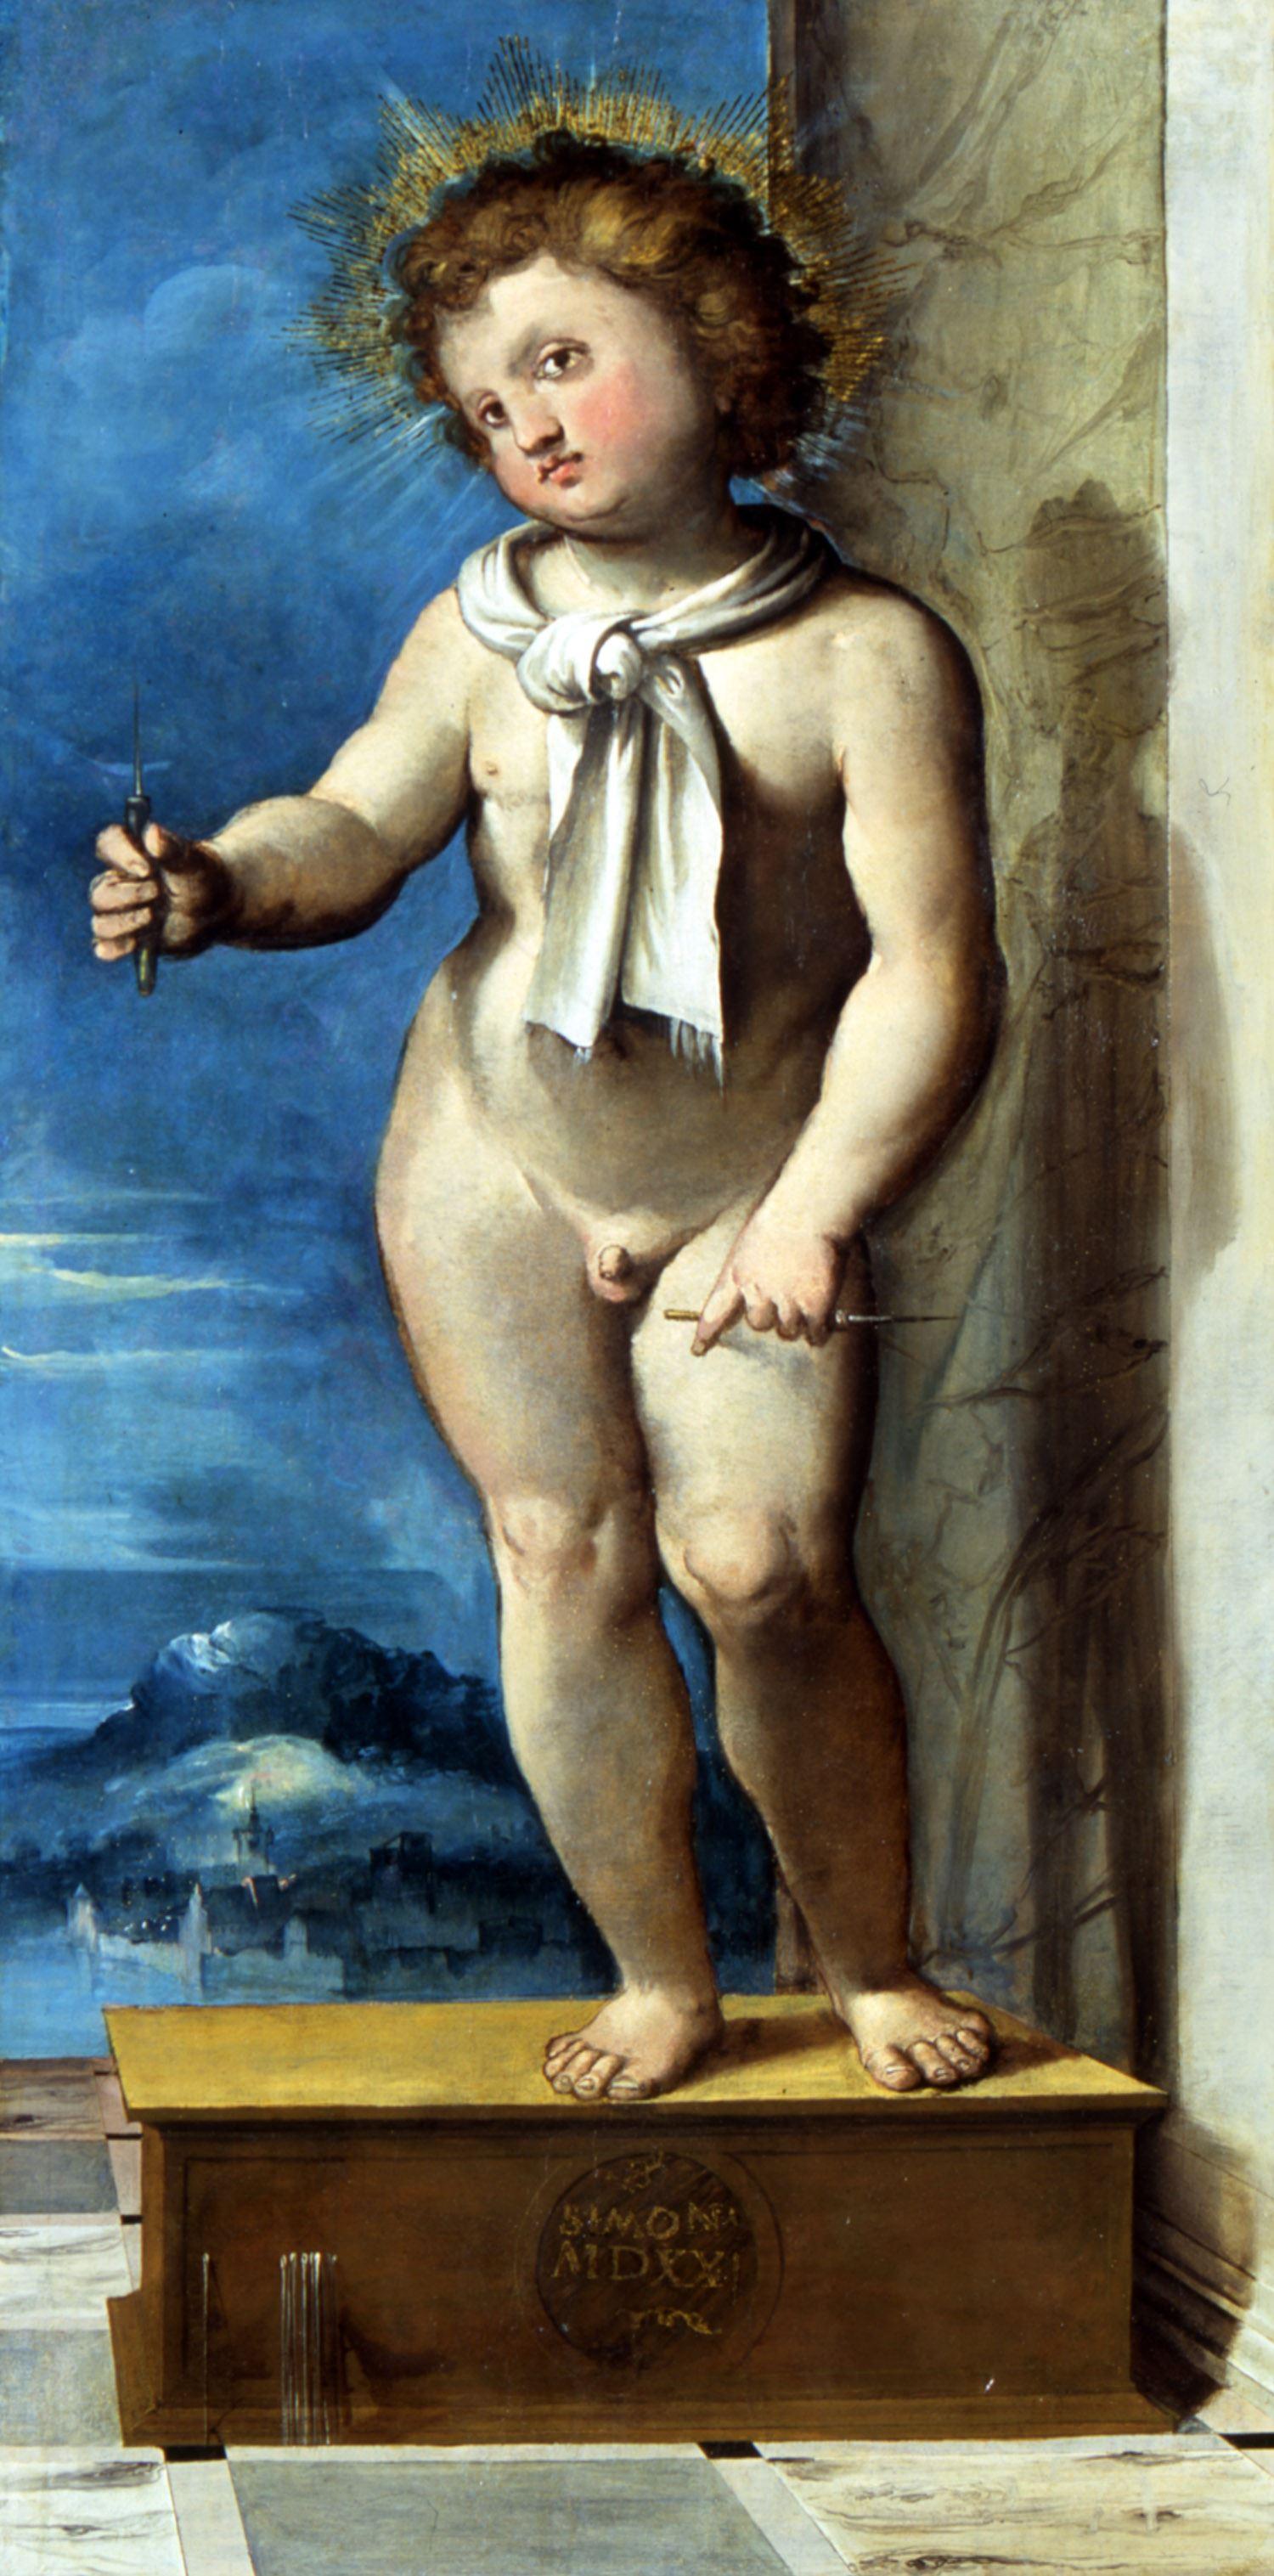 Altobello Melone, Simonino da Trento (1523; olio su tavola, 98 x 47 cm; Trento, Castello del Buonconsiglio, inv. MN 1381)